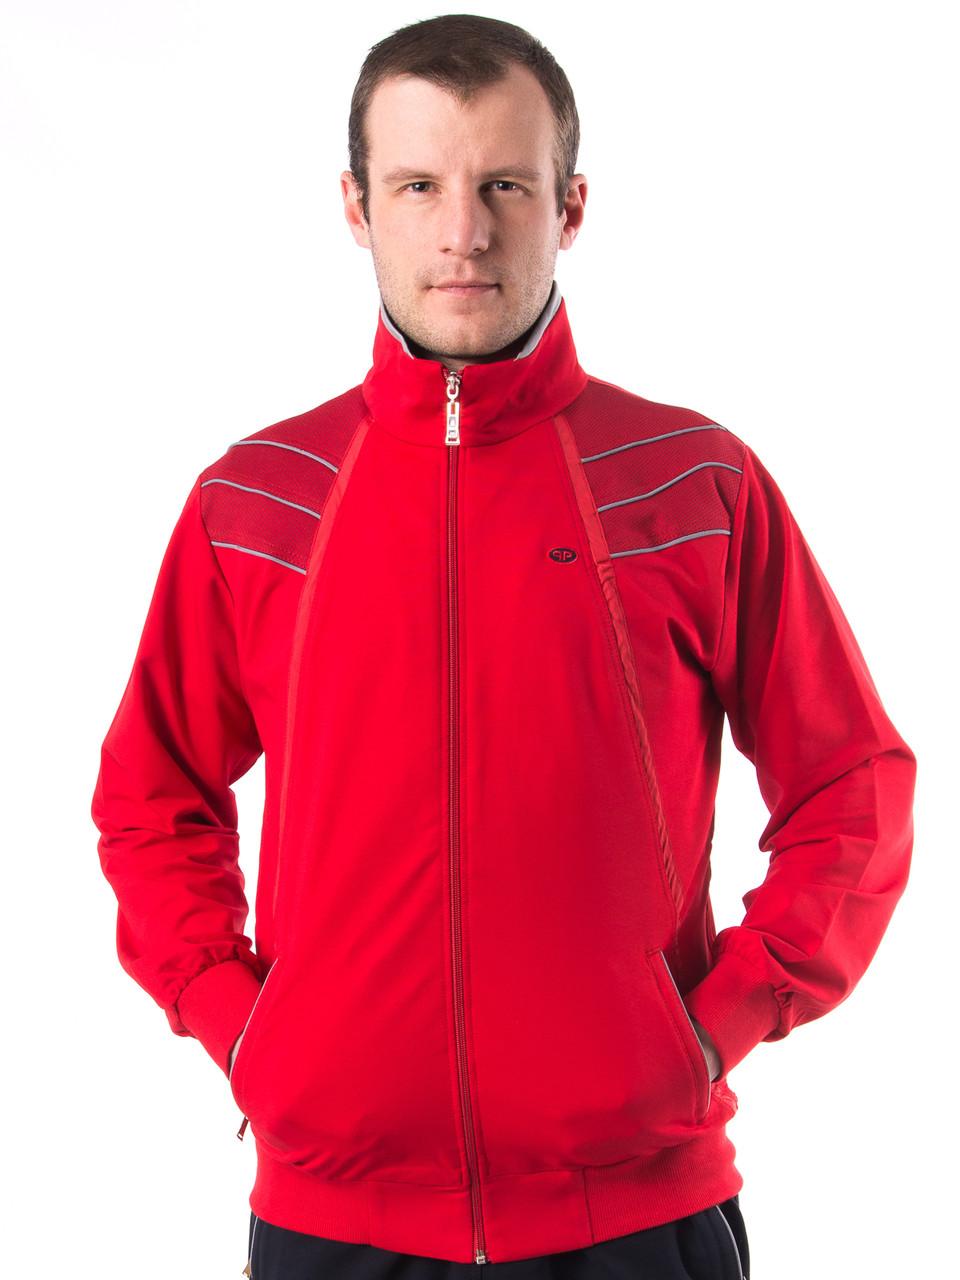 d42cc85d9e5 Мужской красный спортивный костюм трикотаж фабрика Турции т.м. PIYERA 7322